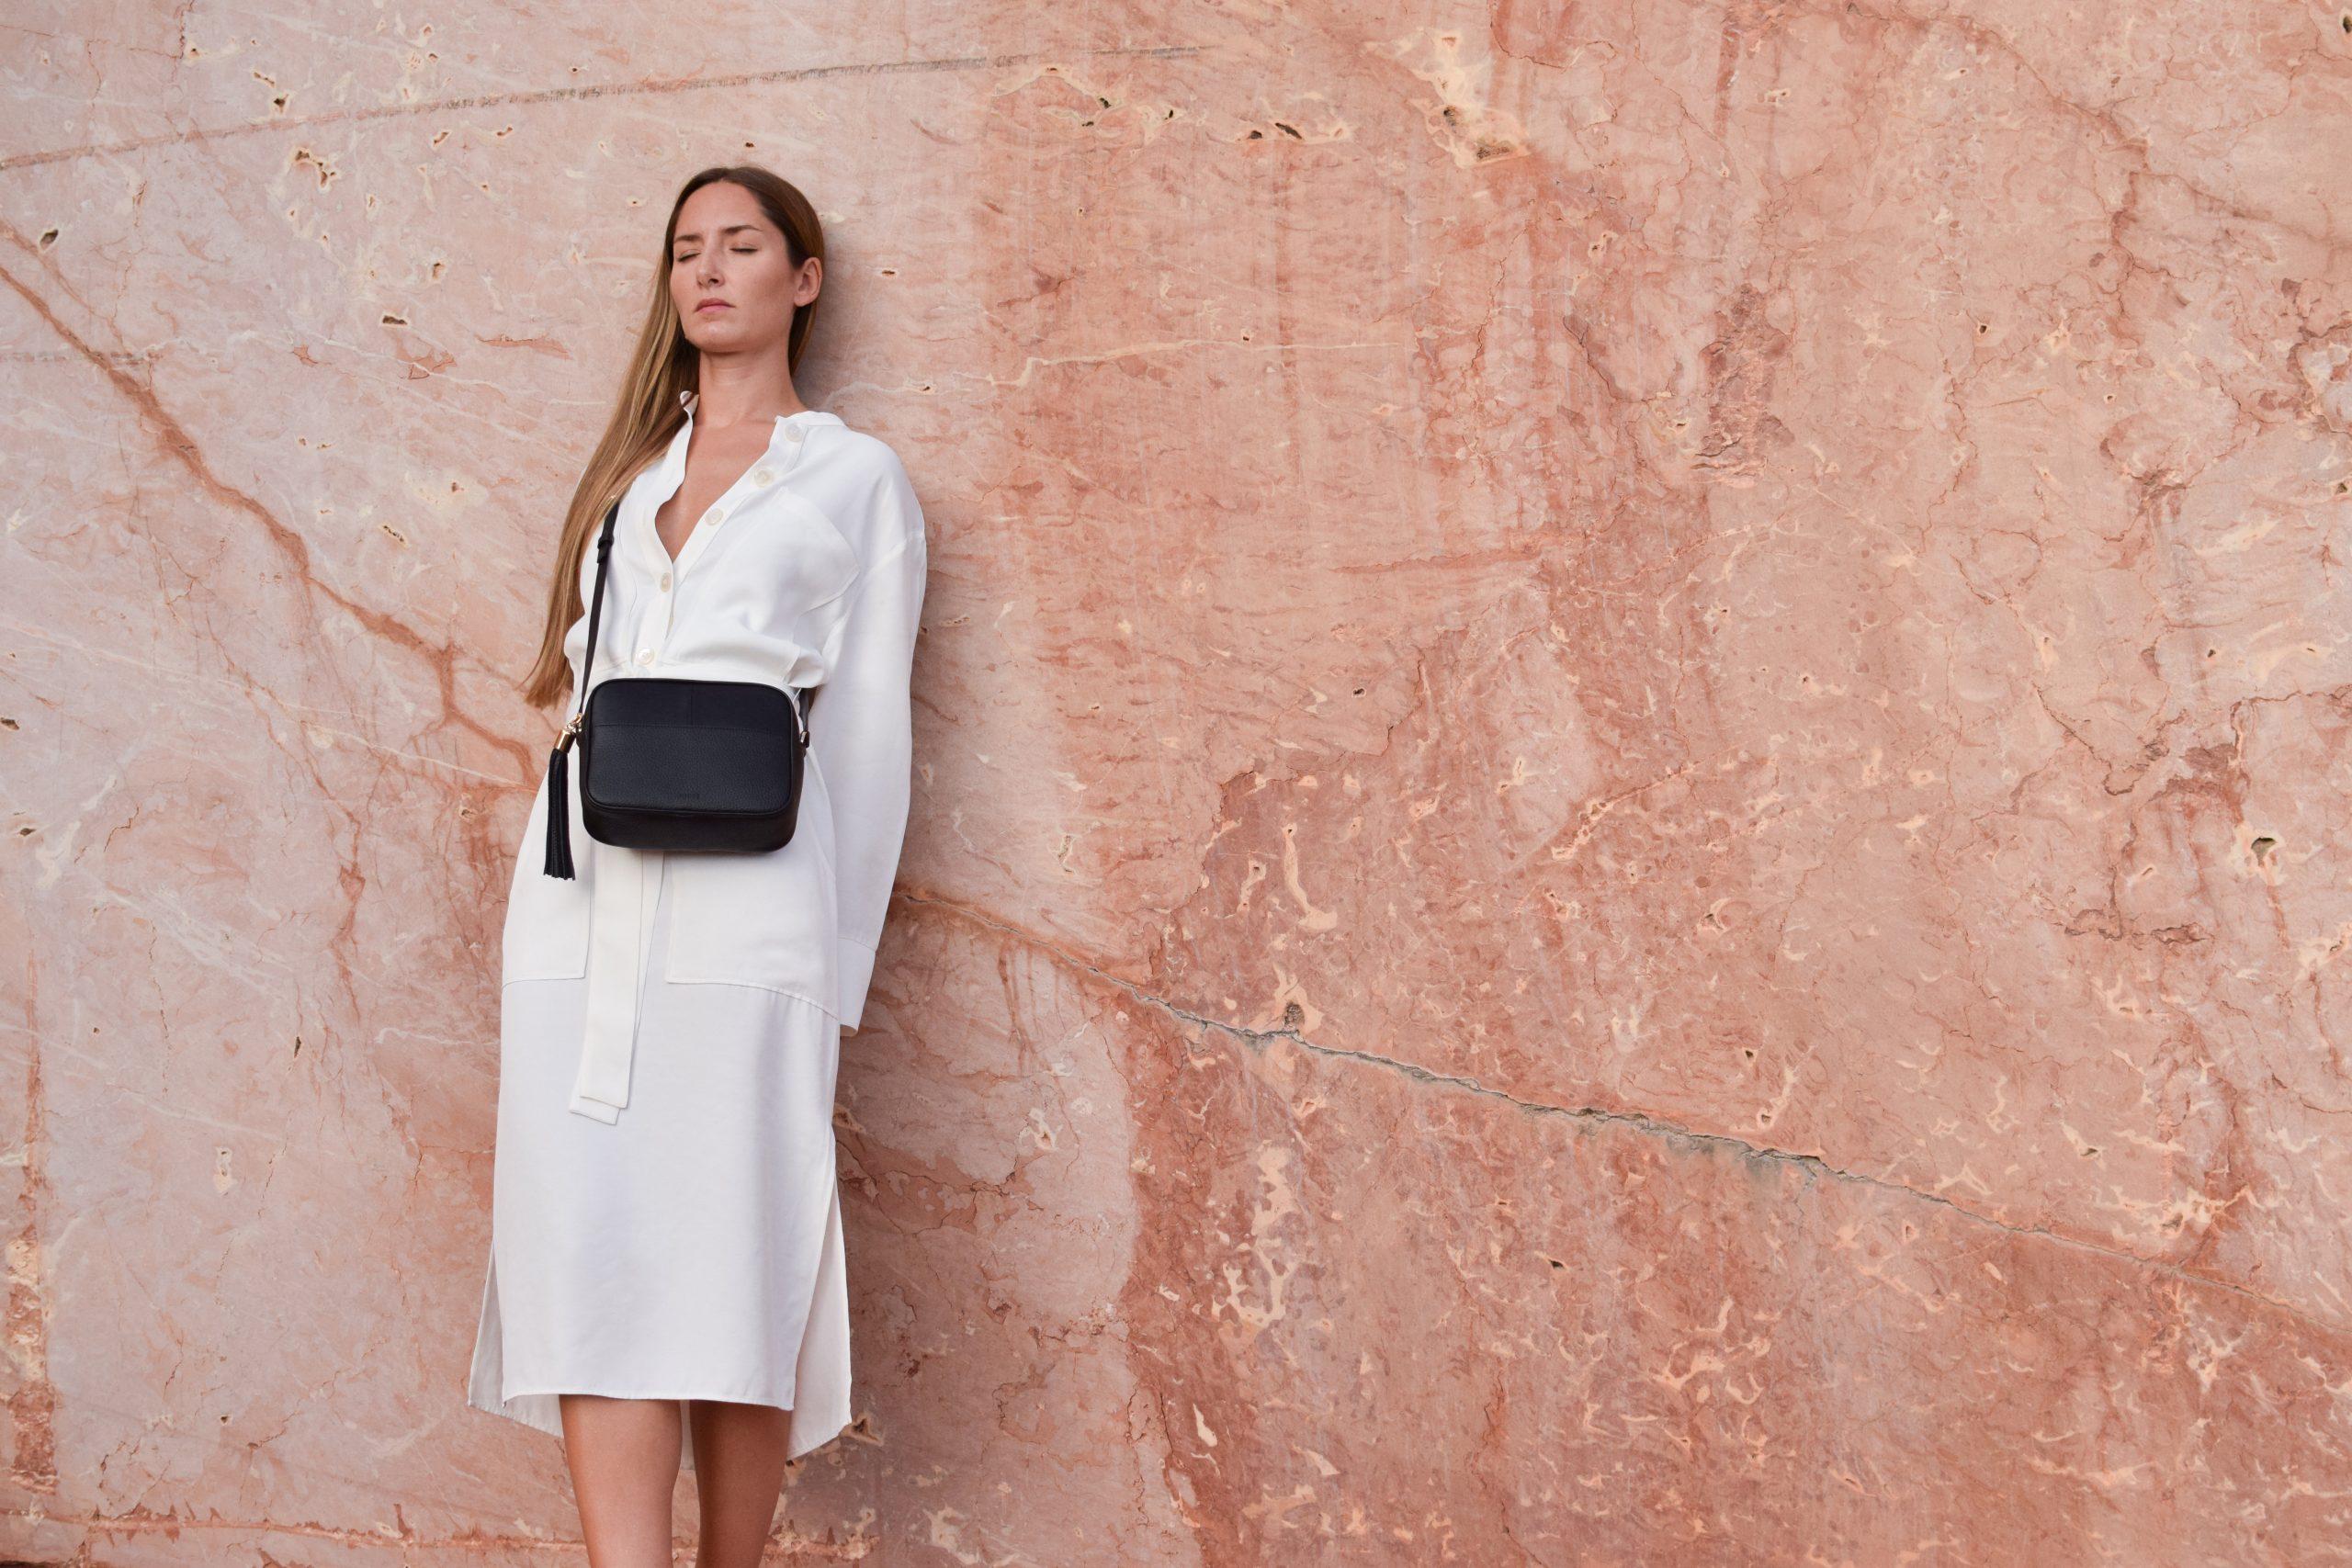 miuur lookbook 004 lua black leather bag